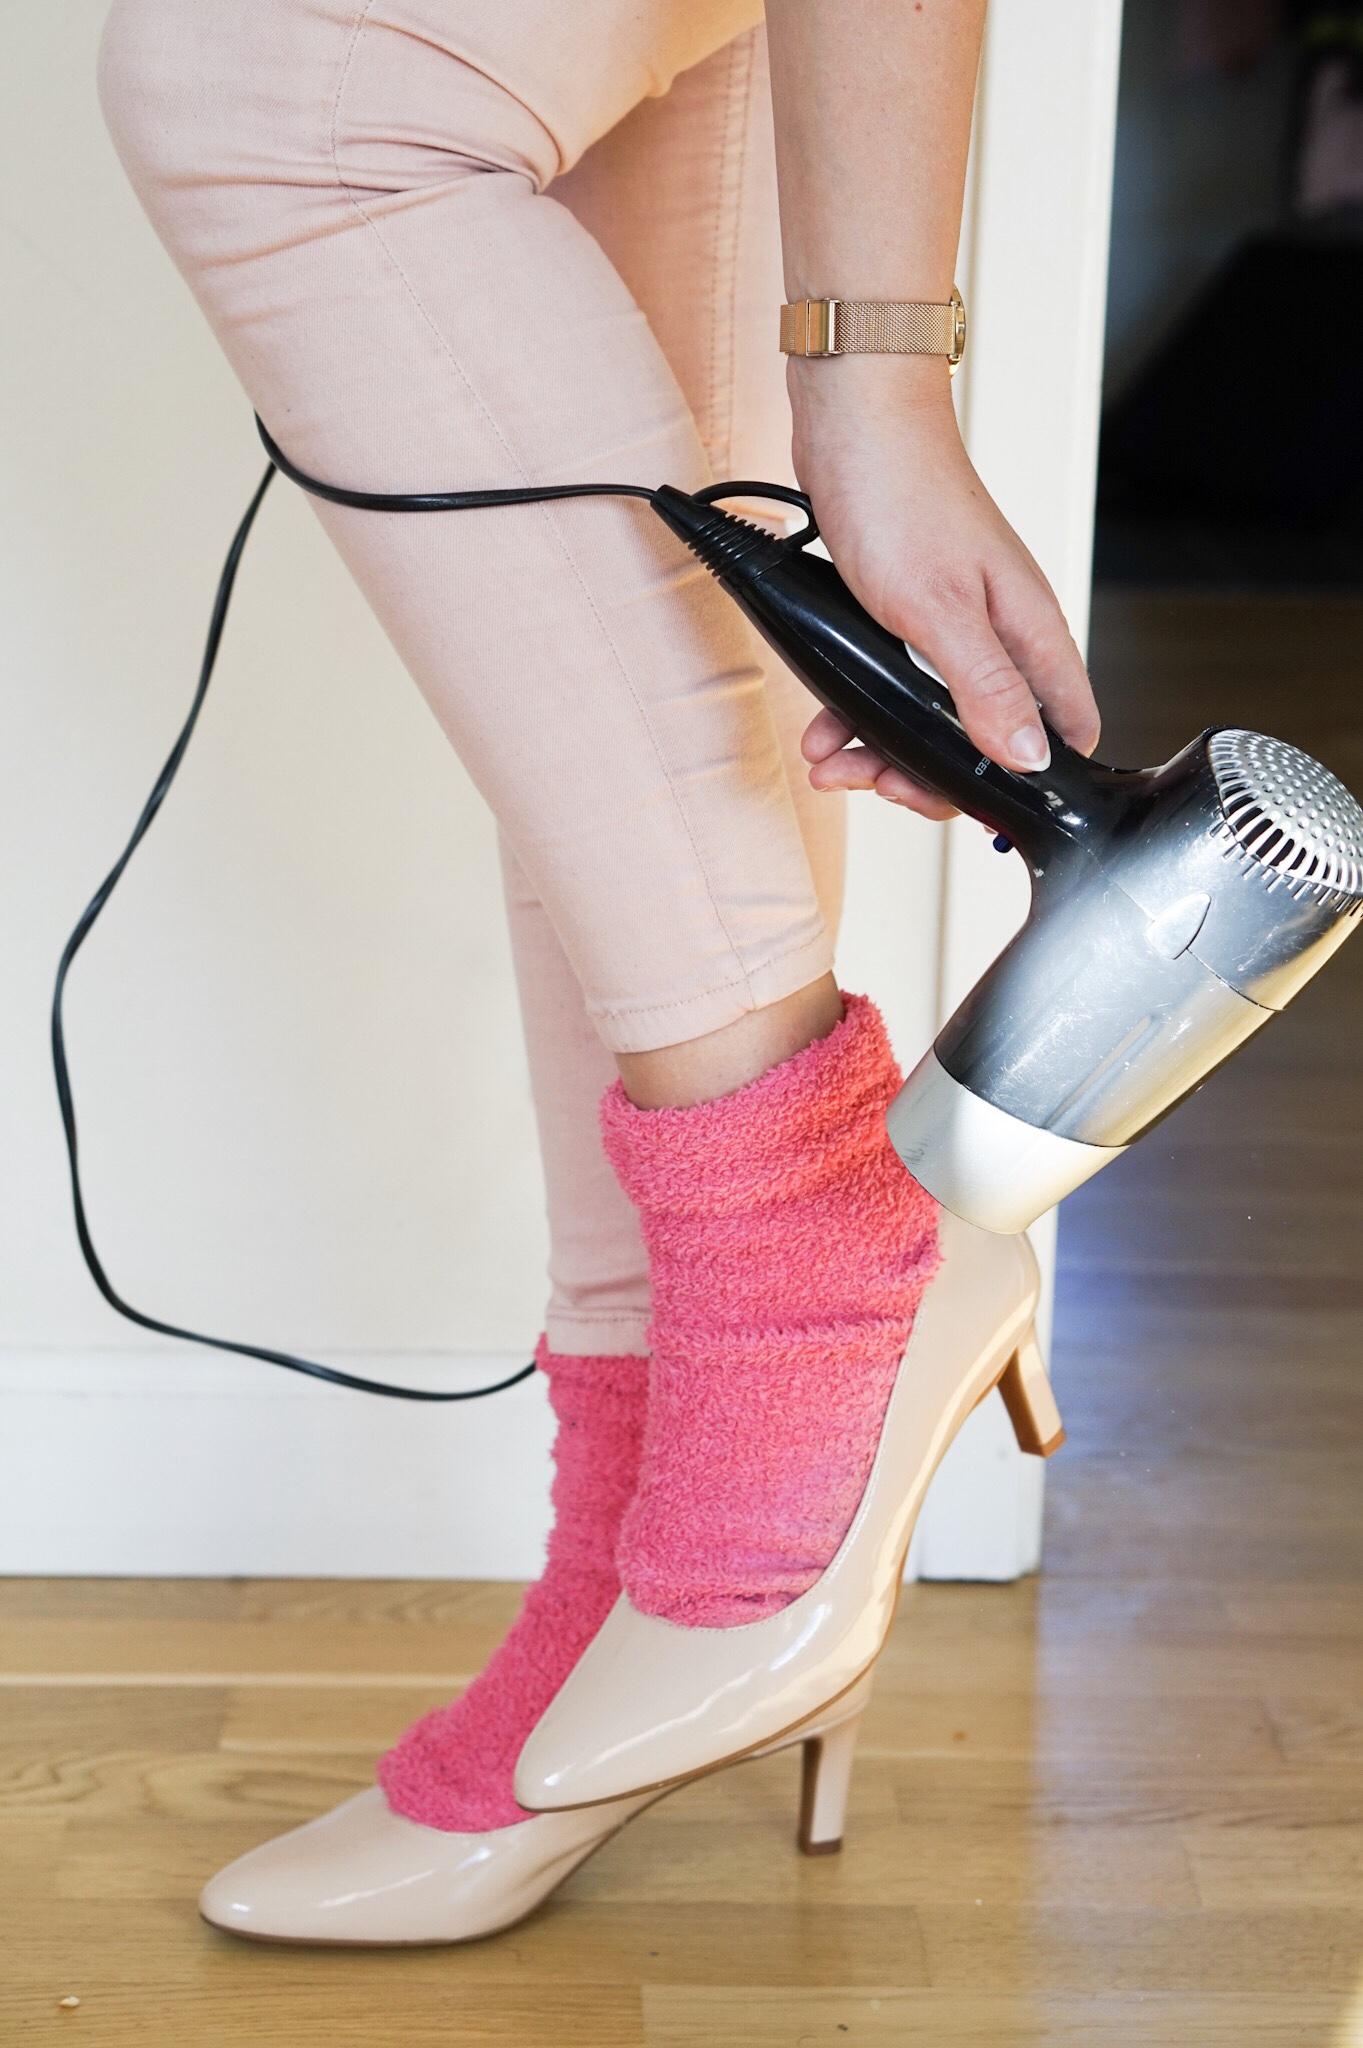 töja ut skor läder